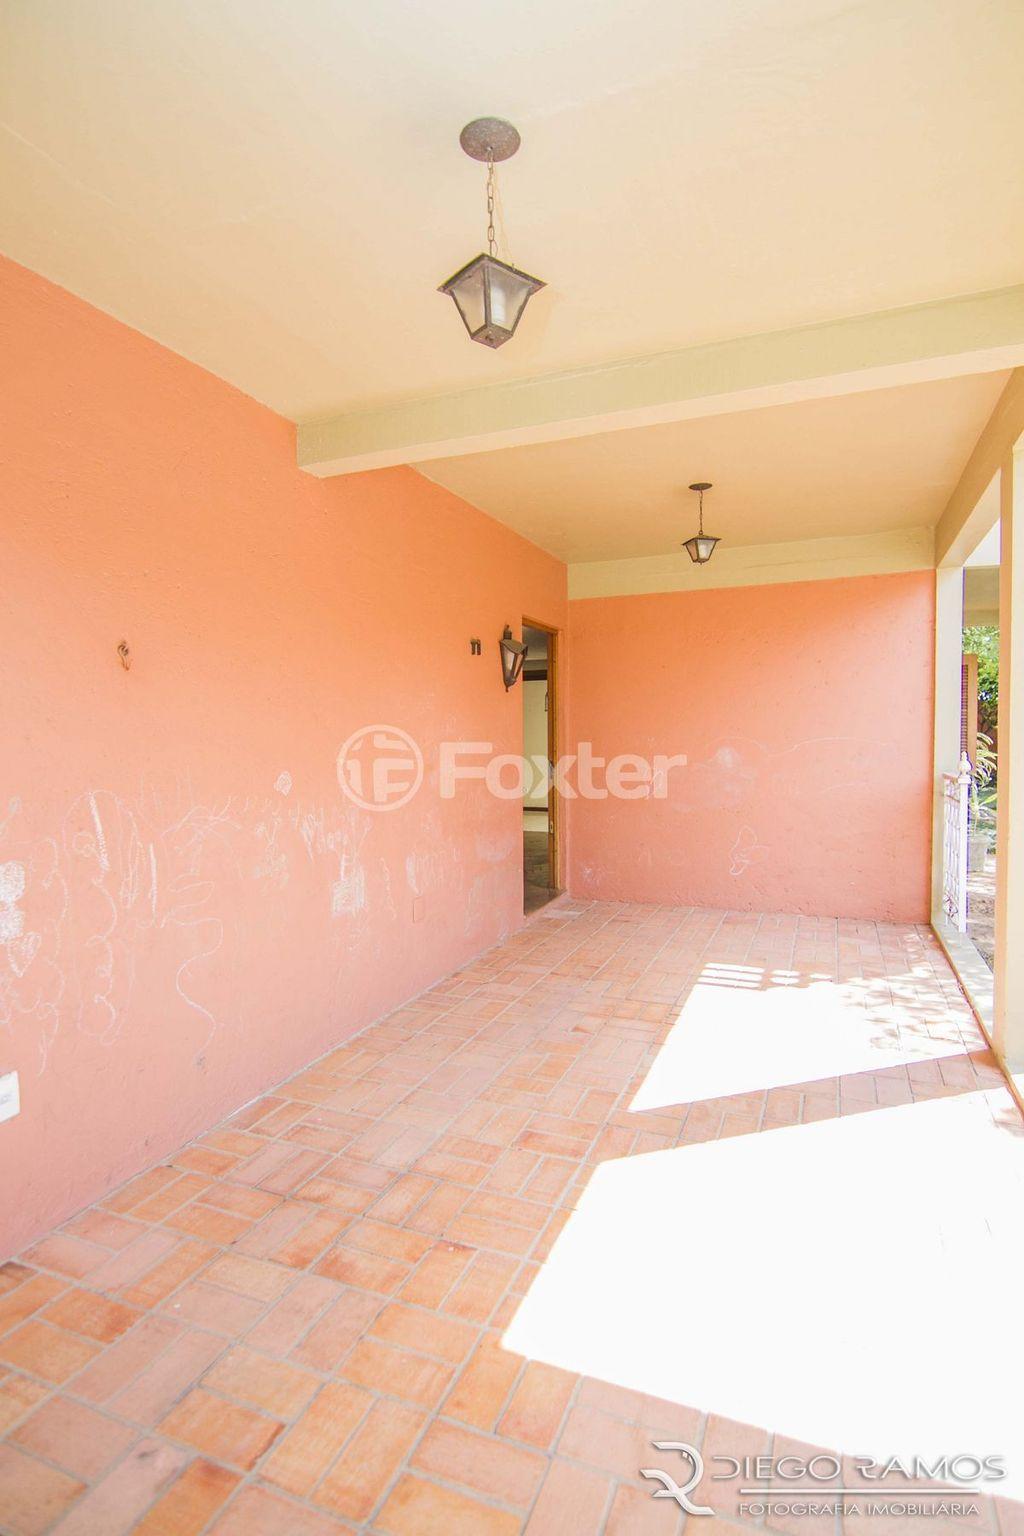 Casa 3 Dorm, Ipanema, Porto Alegre (120174) - Foto 26